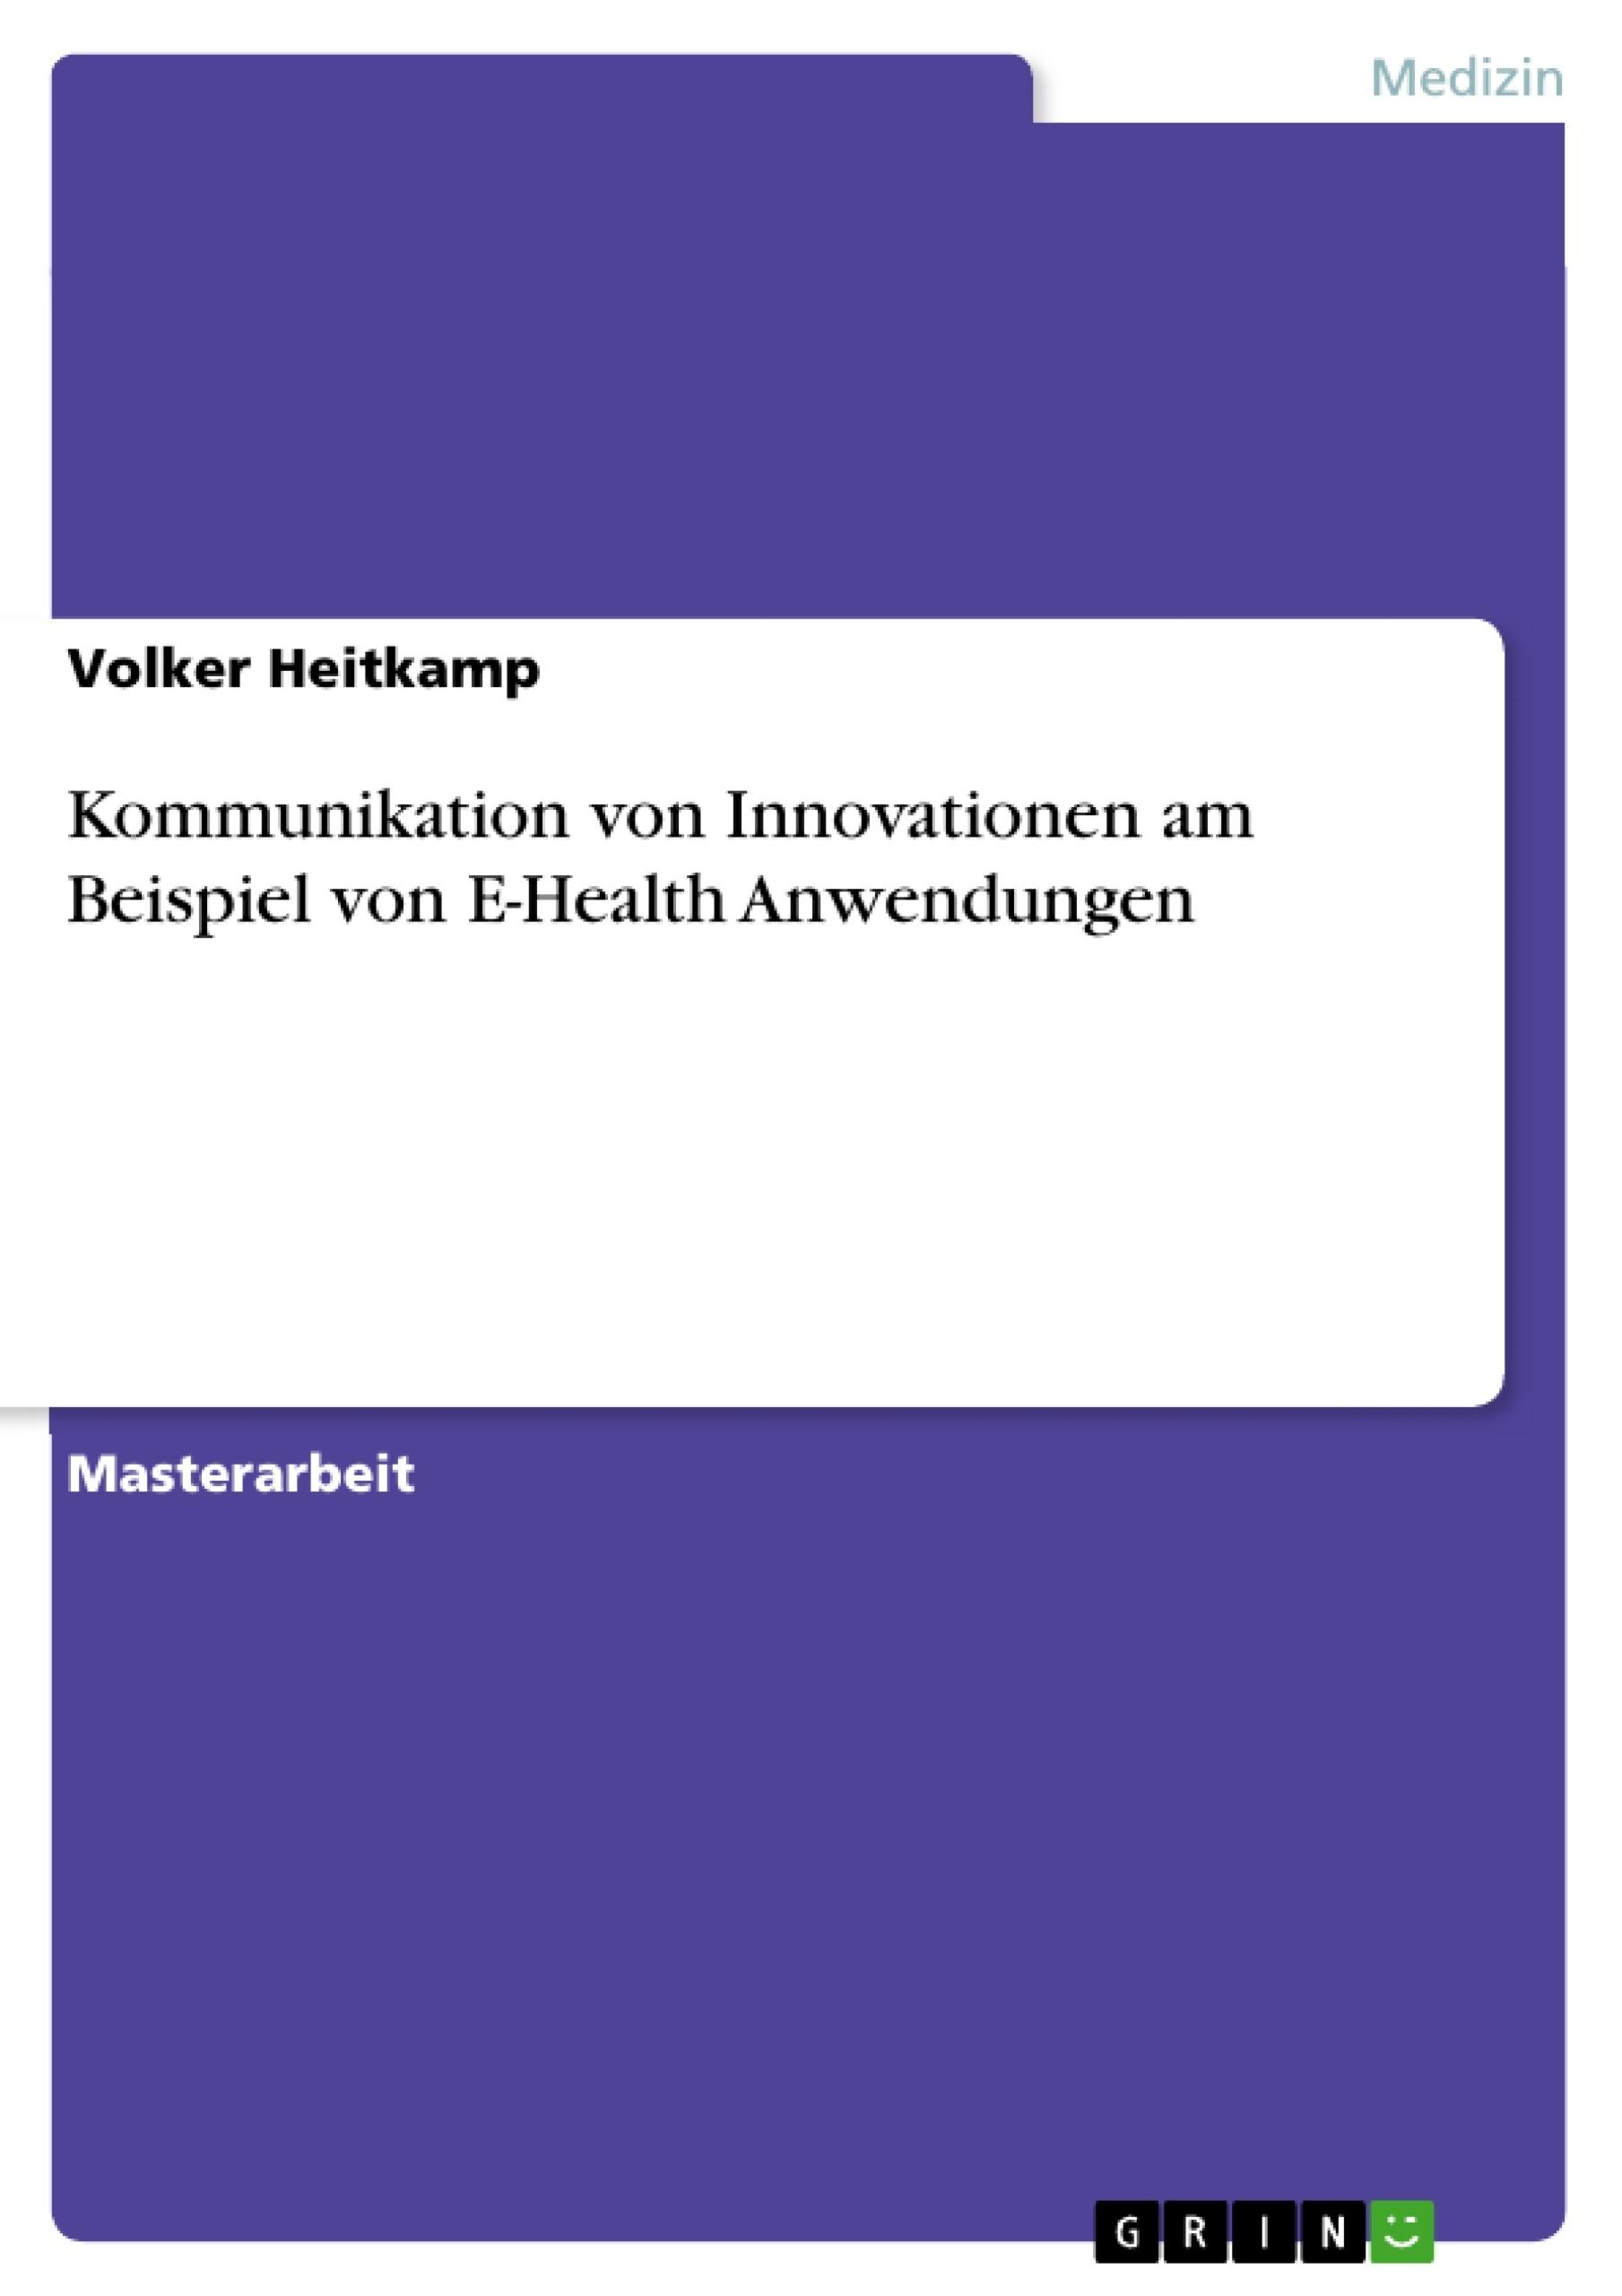 Titel: Kommunikation von Innovationen am Beispiel von E-Health Anwendungen